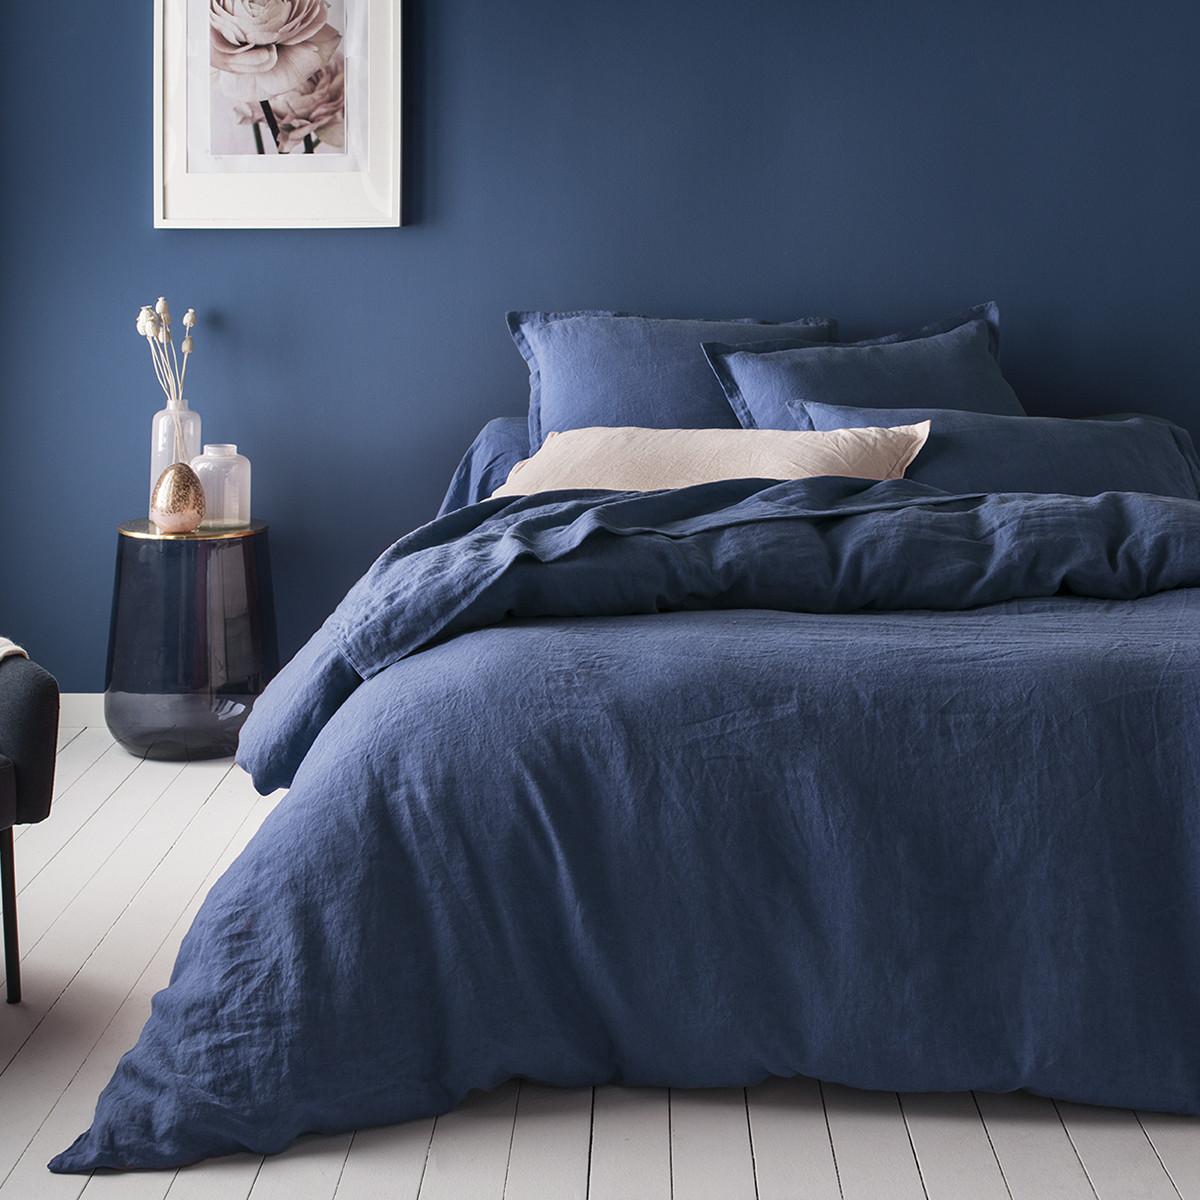 Housse de couette lin 240x220 cm bleu marine